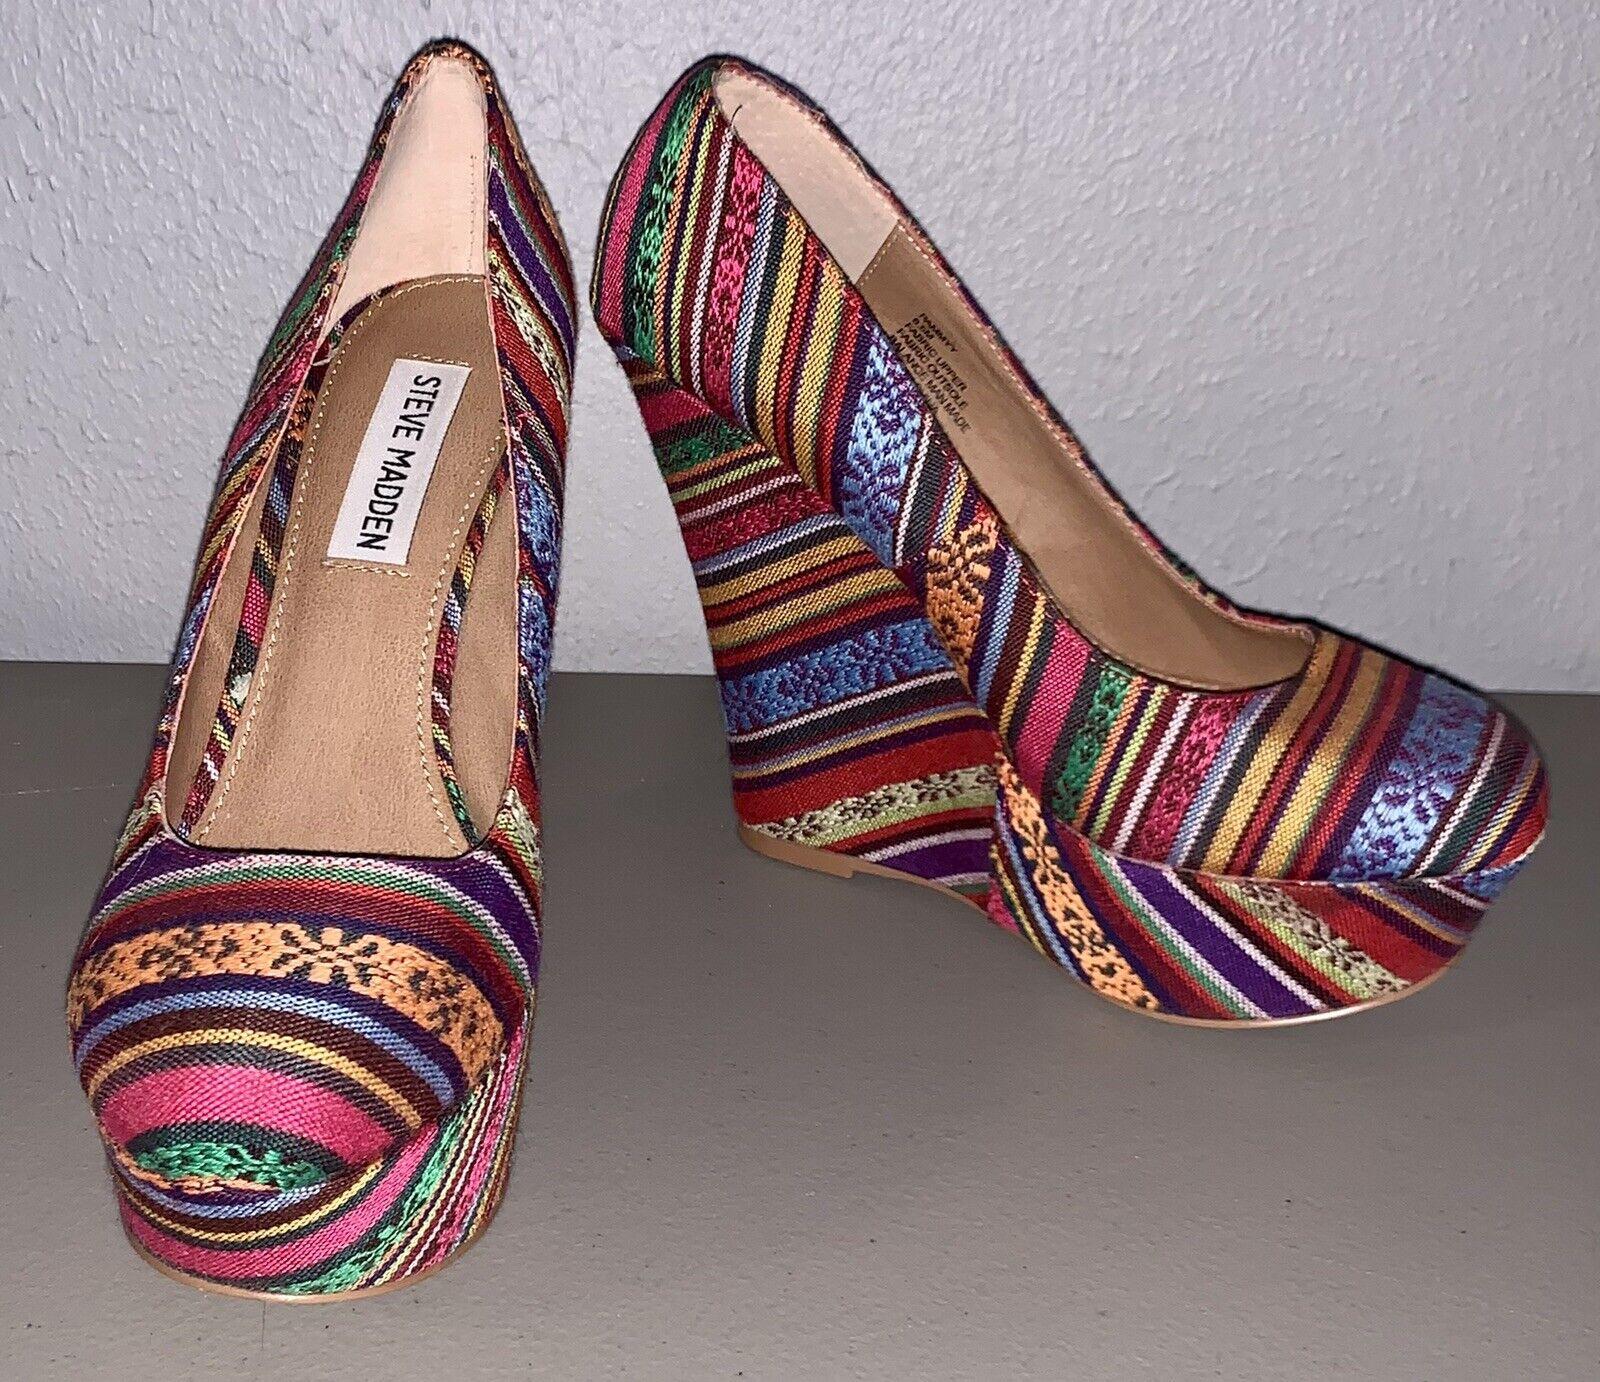 * Comme neuf * Steve Madden Pammyy Compensées Plateforme Talon Haut Chaussures Taille 6.5 Boho Aztec